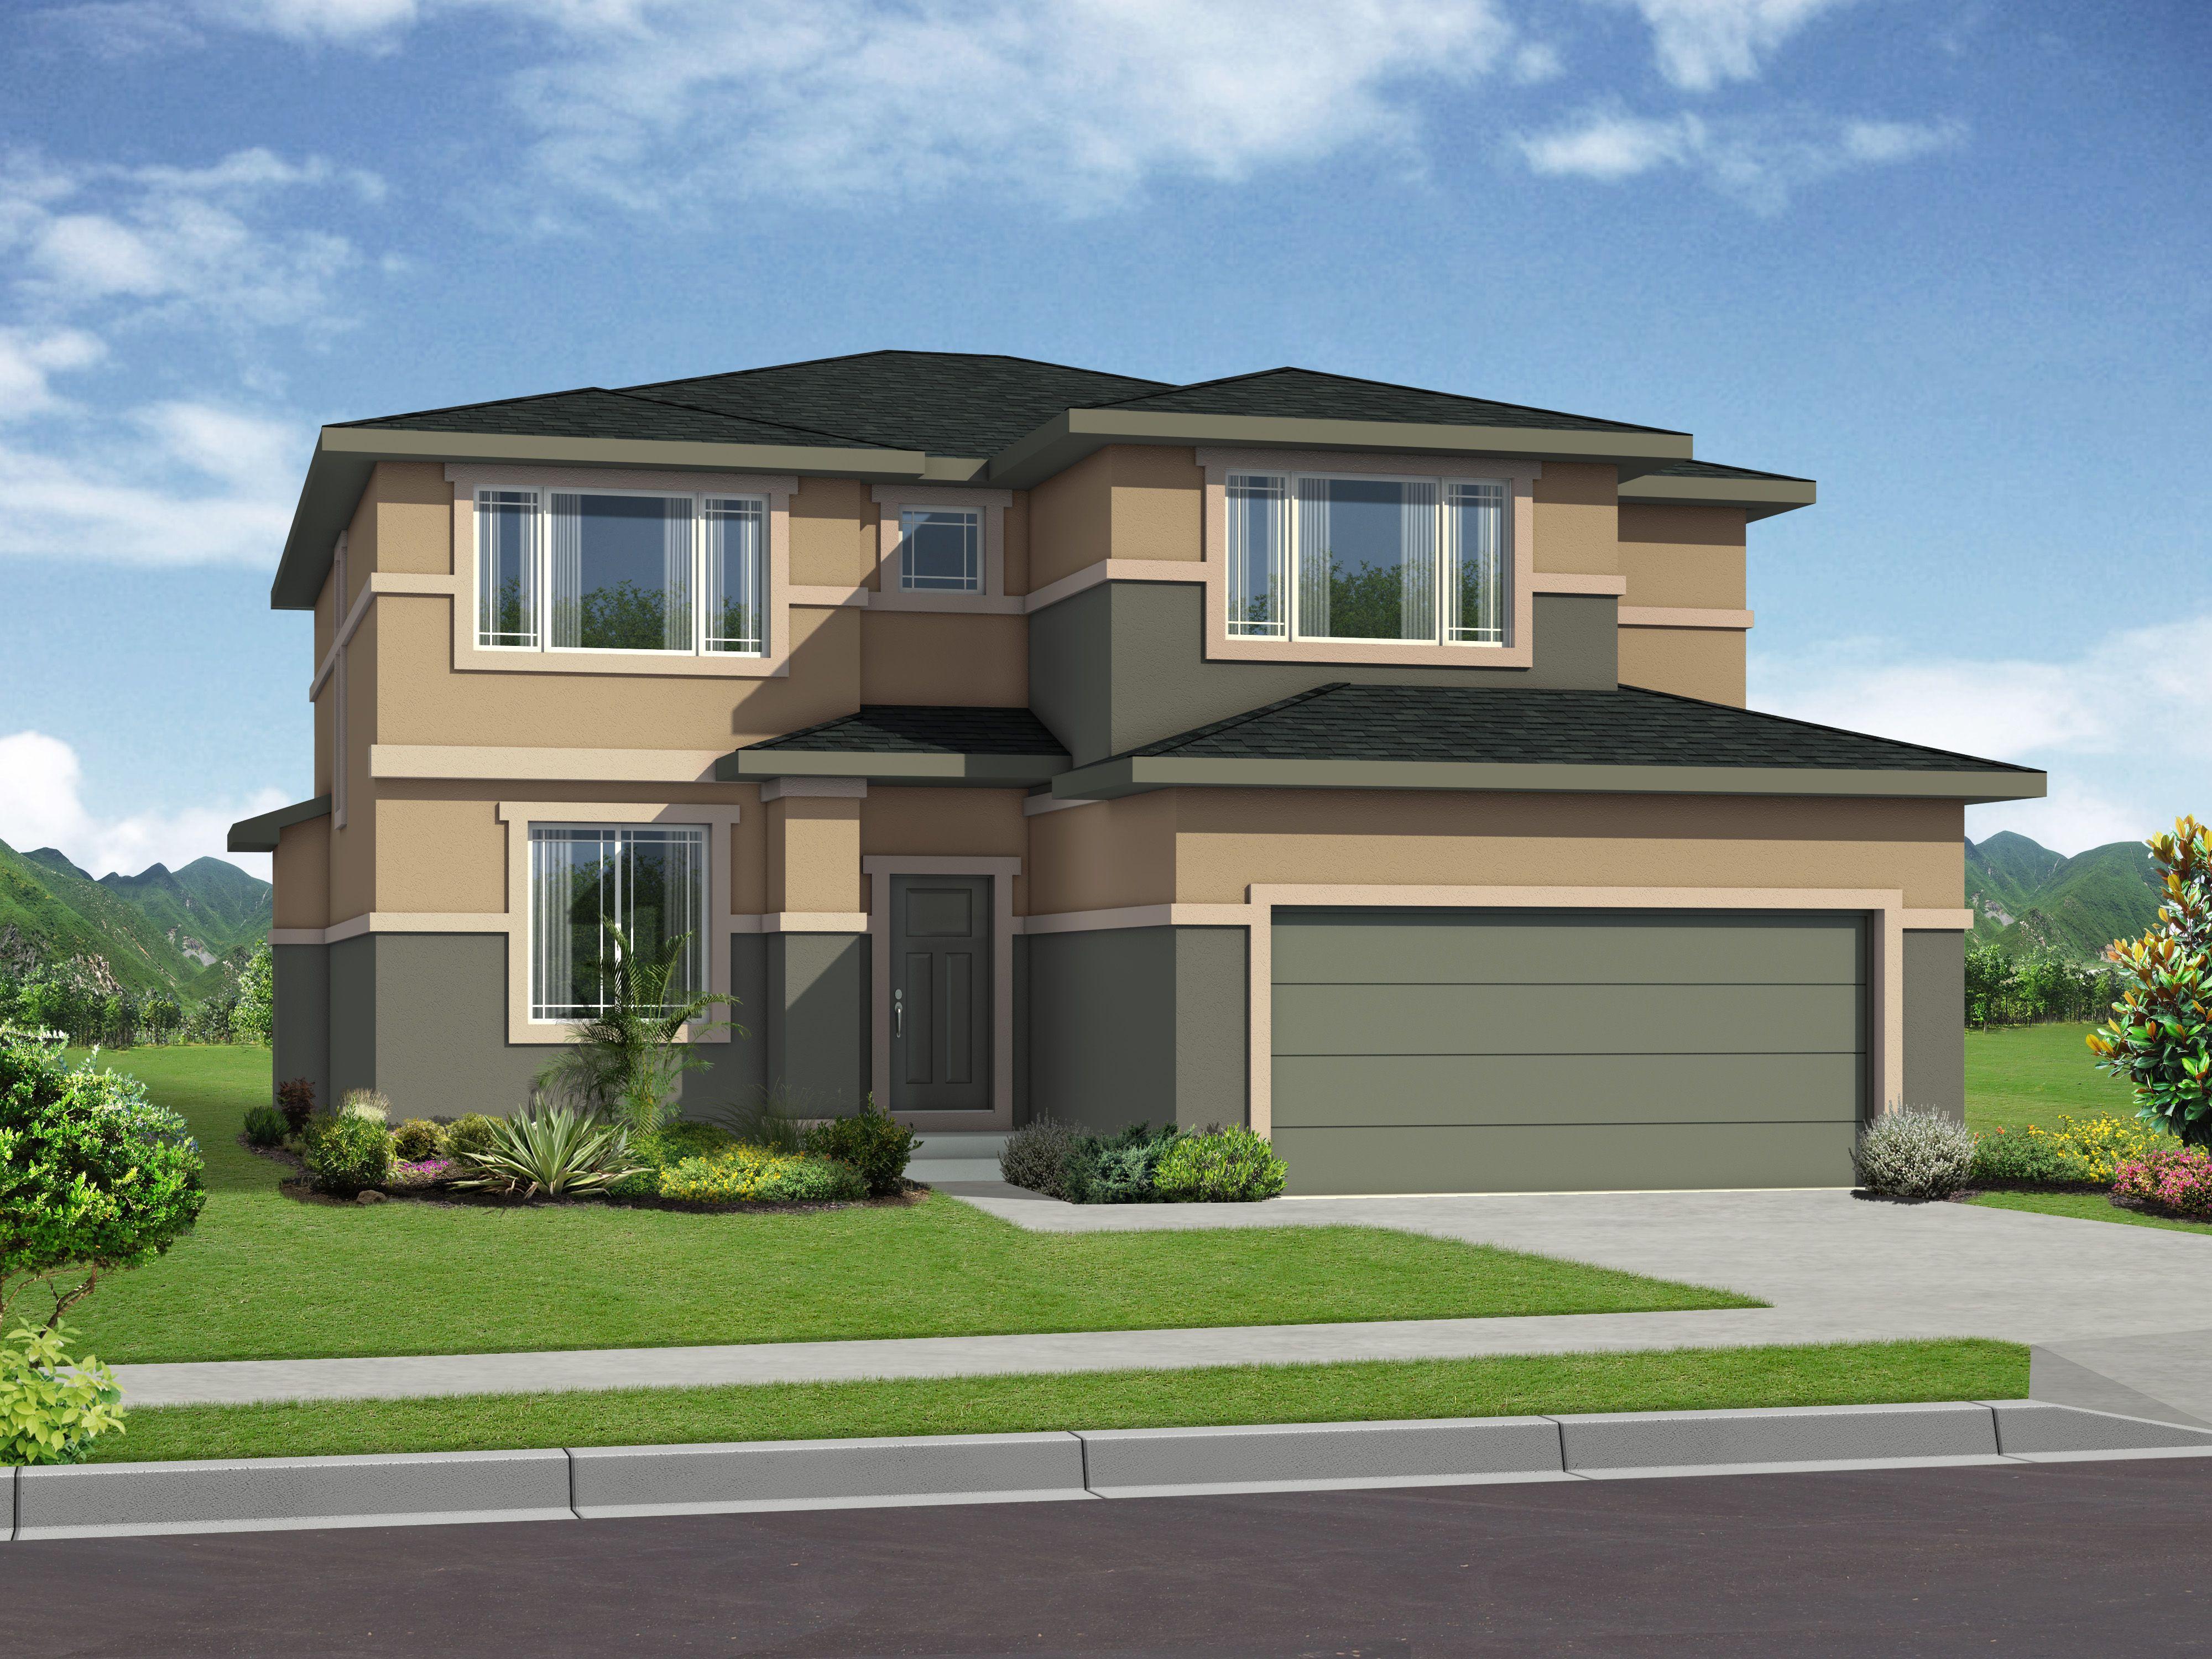 Windom Rendering In 2020 Home Builders Model Homes Home